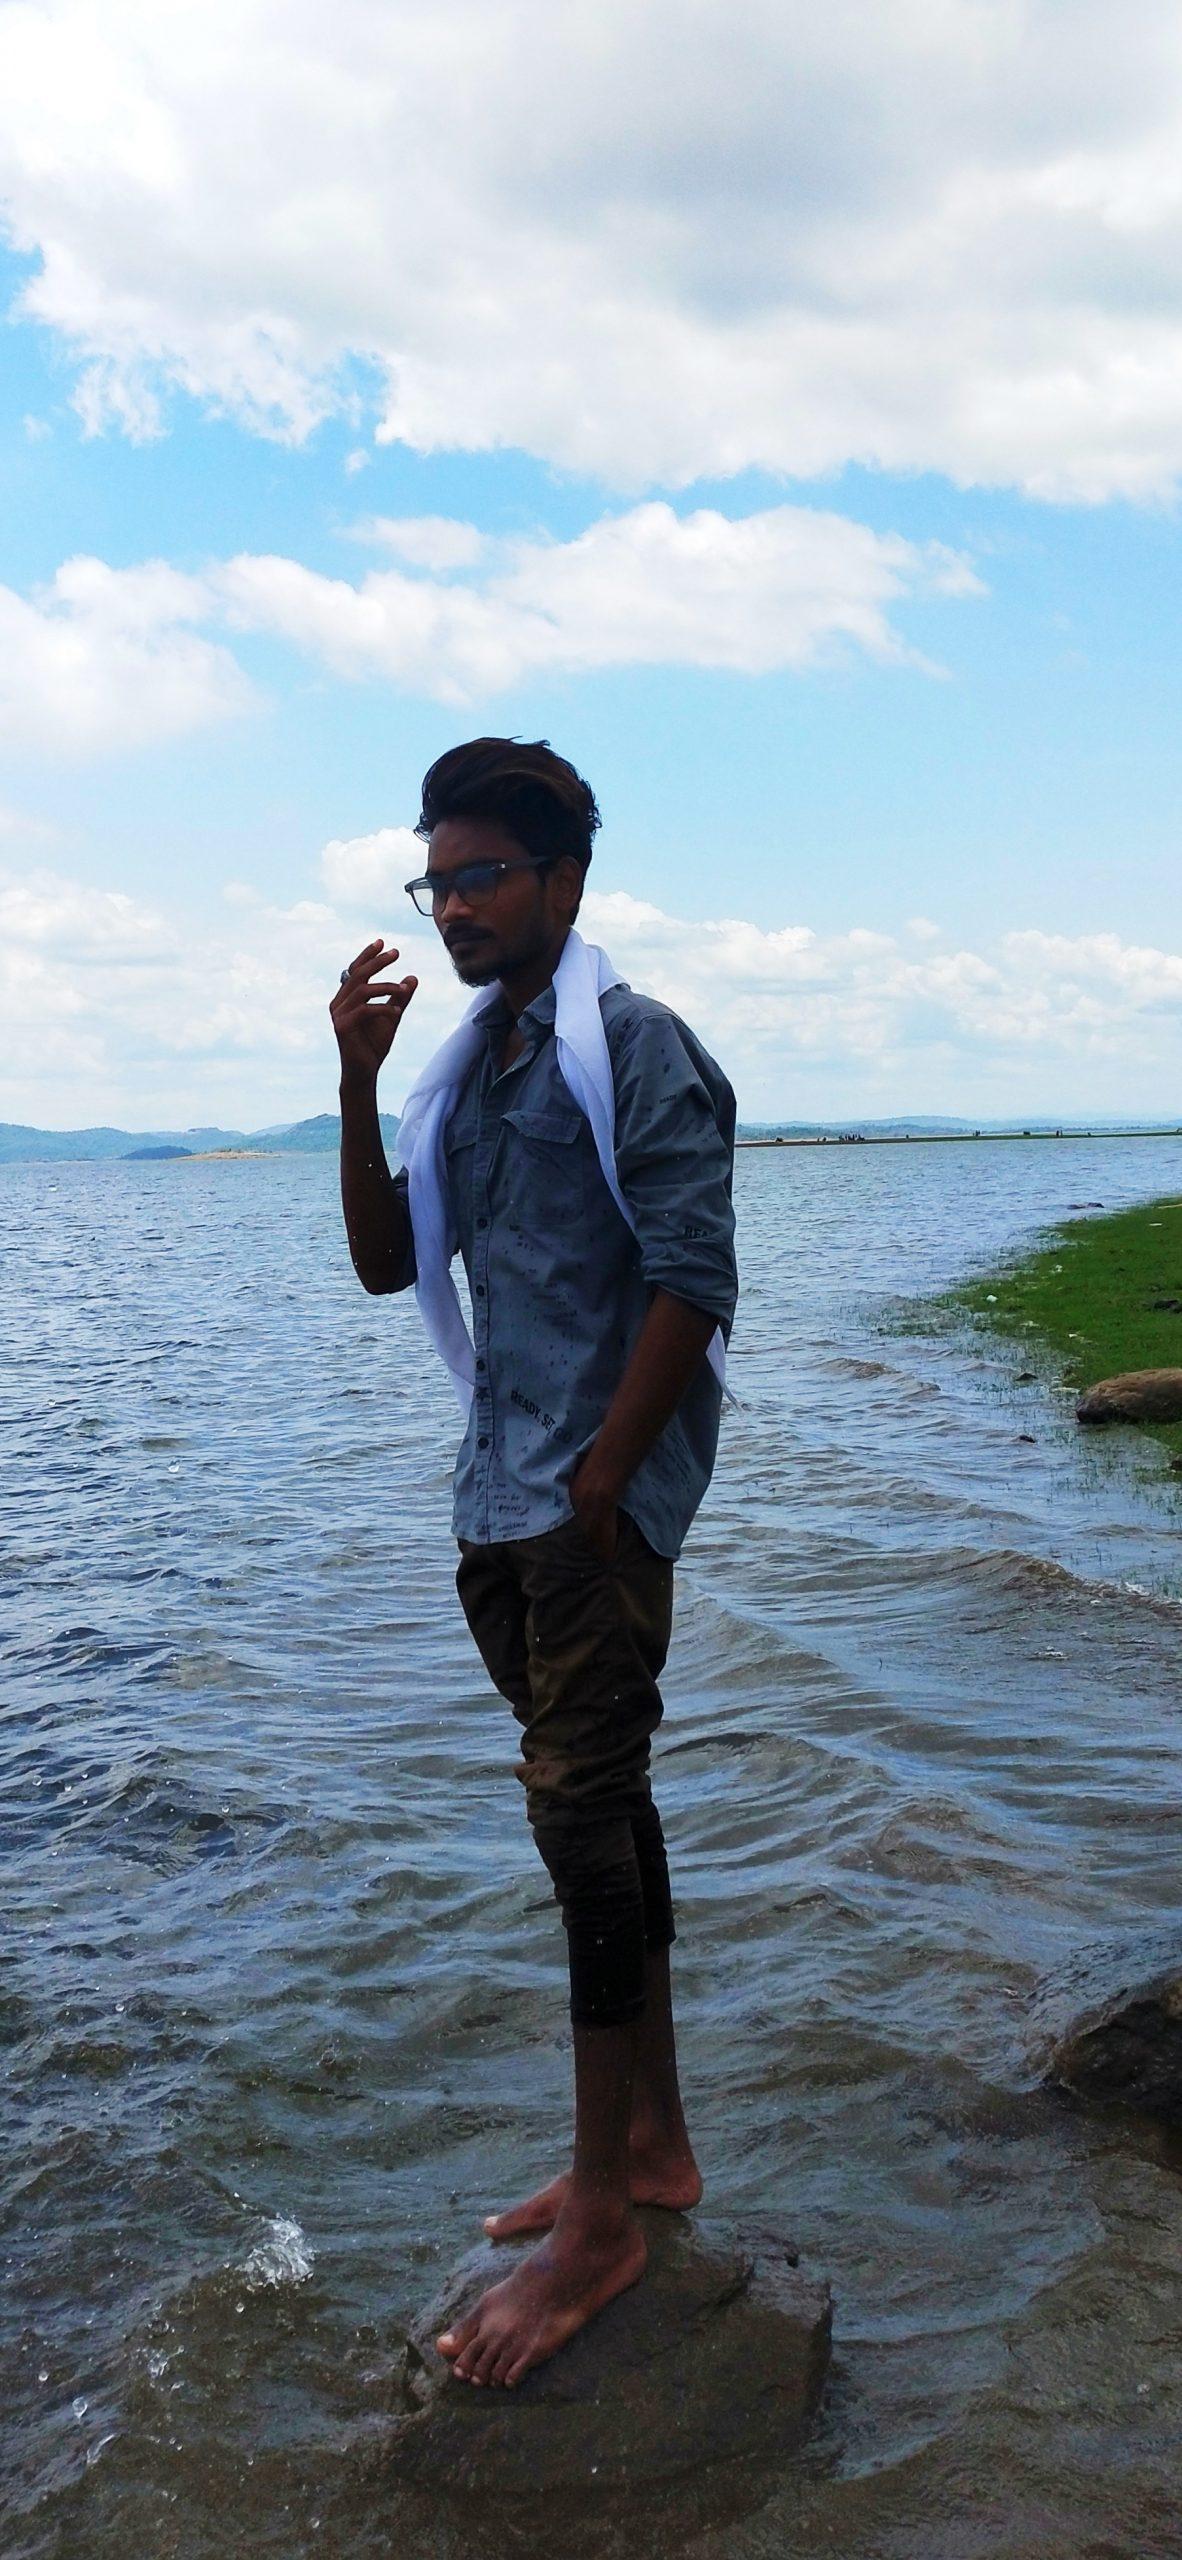 Boy posing in water